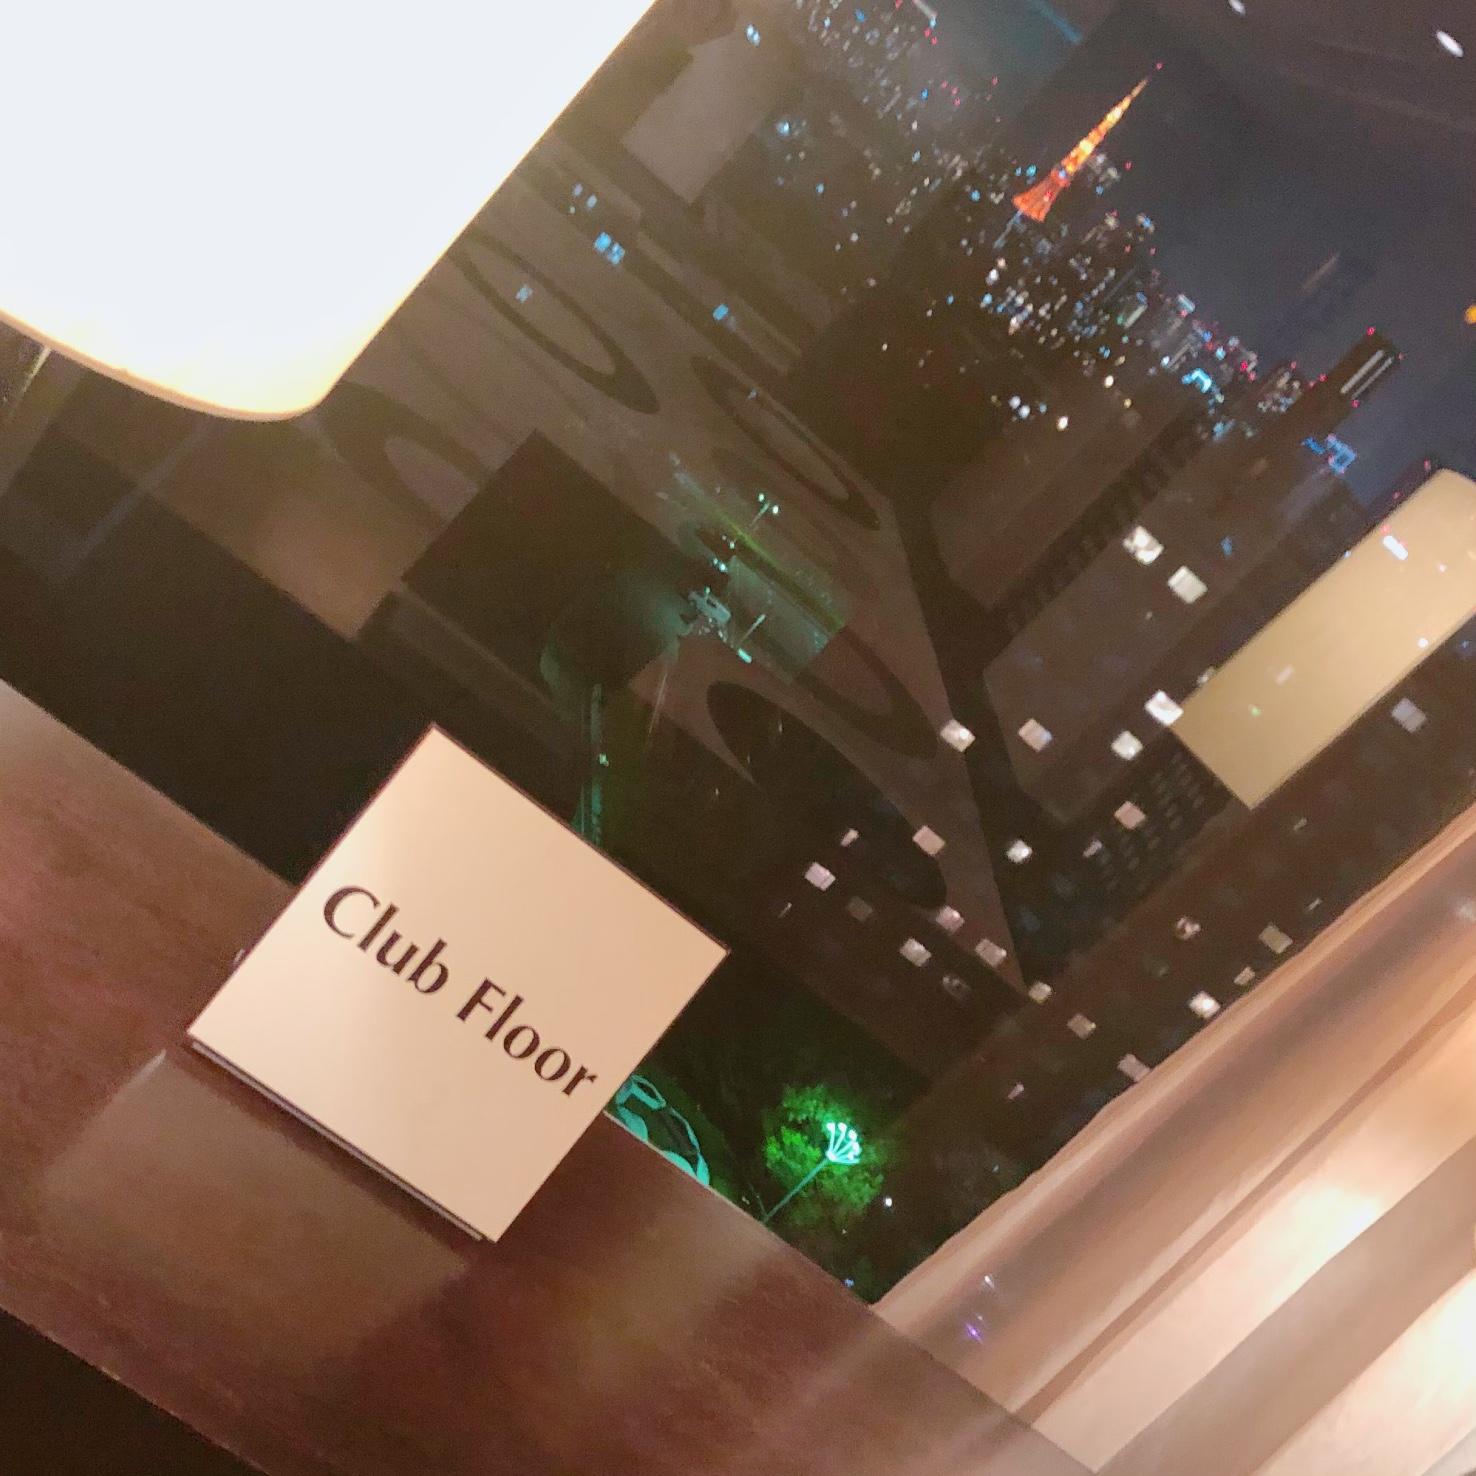 【グランドプリンスホテル新高輪】クラブフロアで豪華なホテルライフ